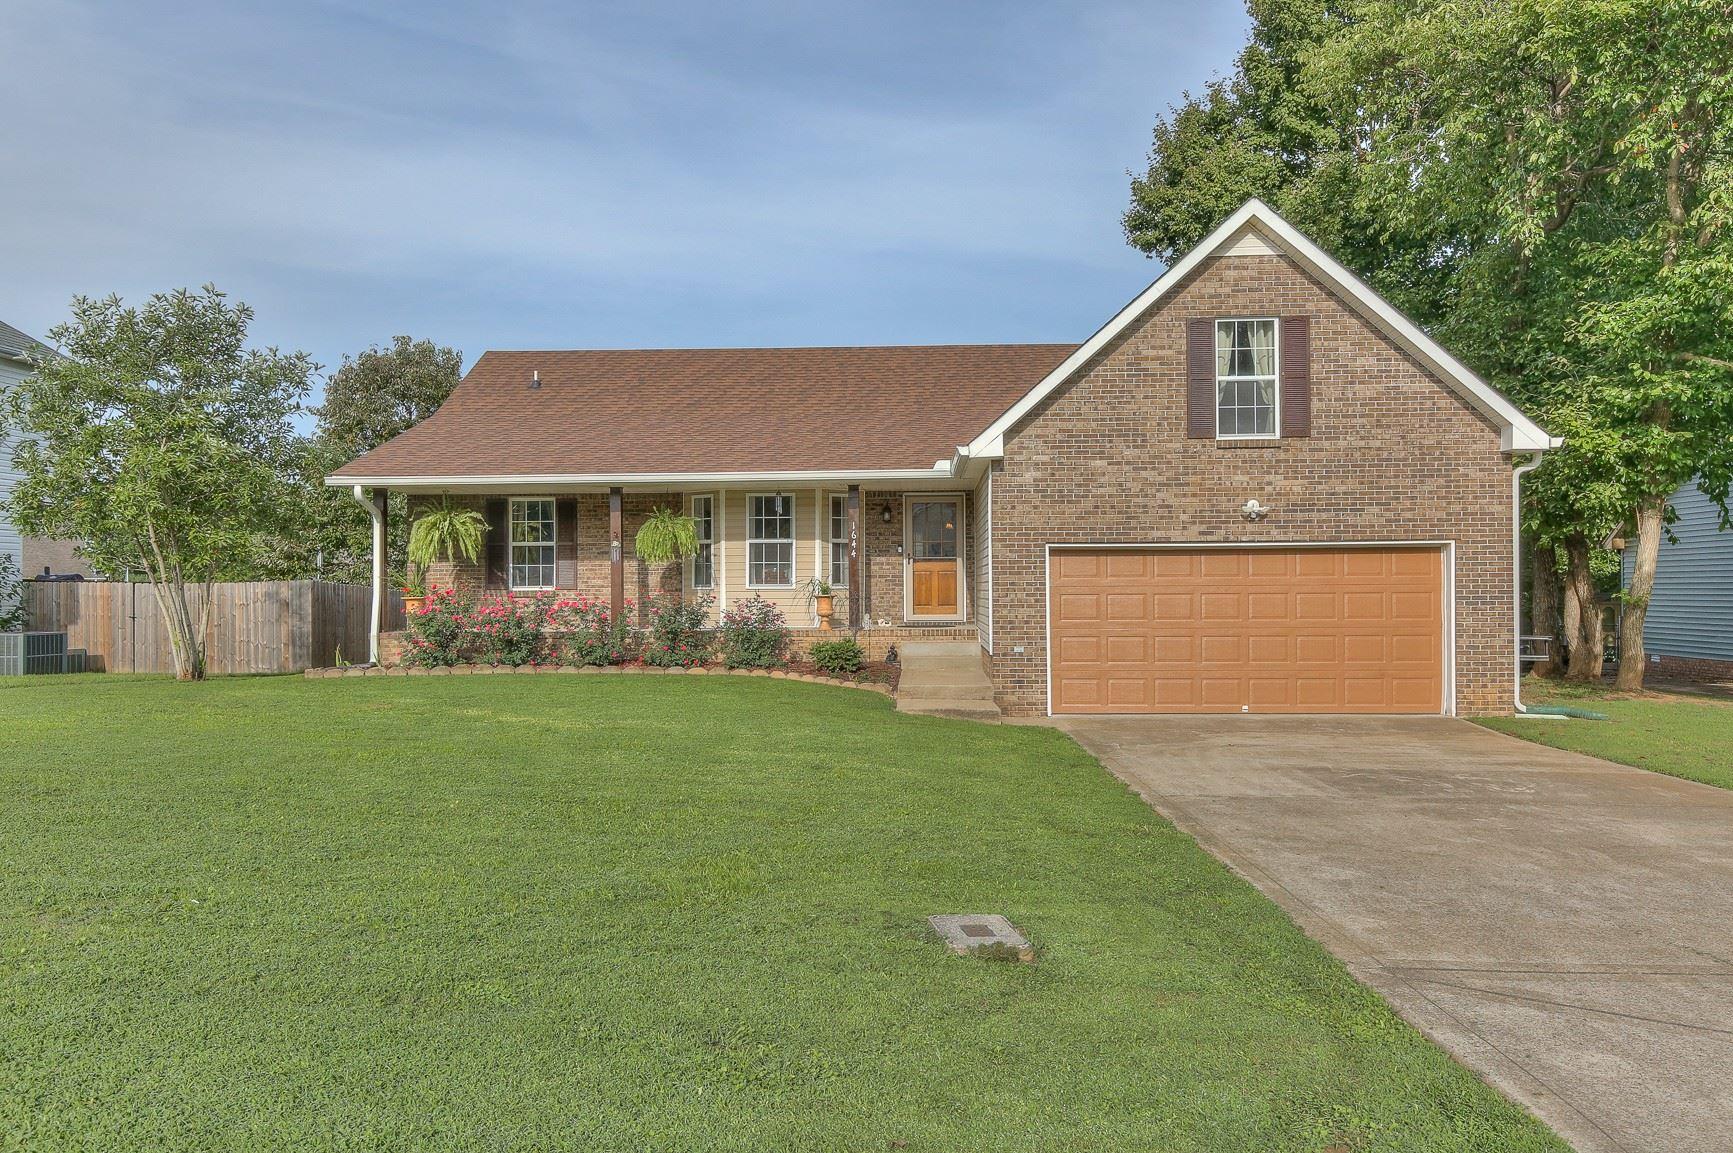 1644 Barrywood Cir E, Clarksville, TN 37042 - MLS#: 2291323